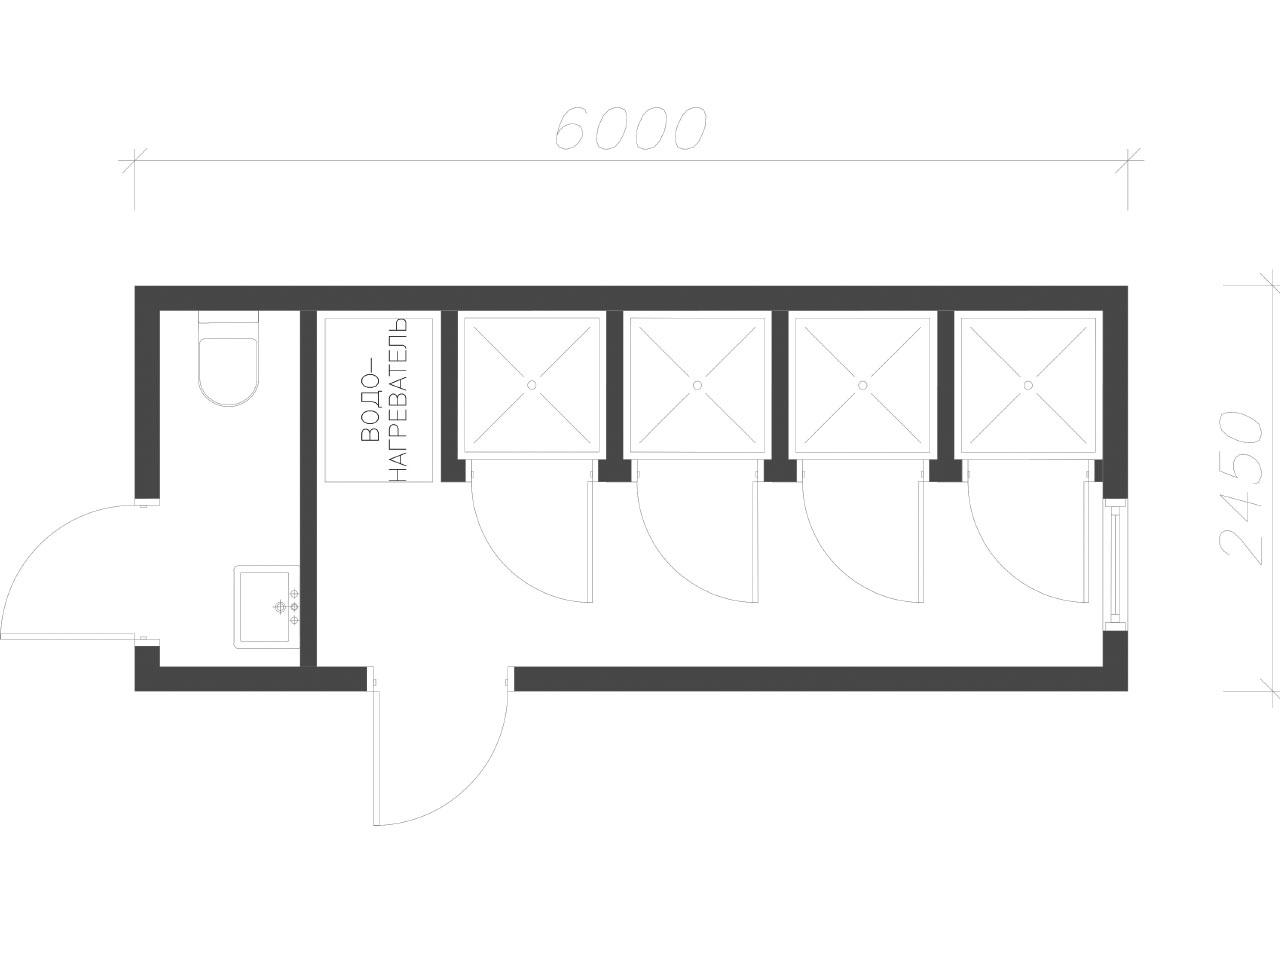 план-схема Сантехнический контейнер СанБК-10